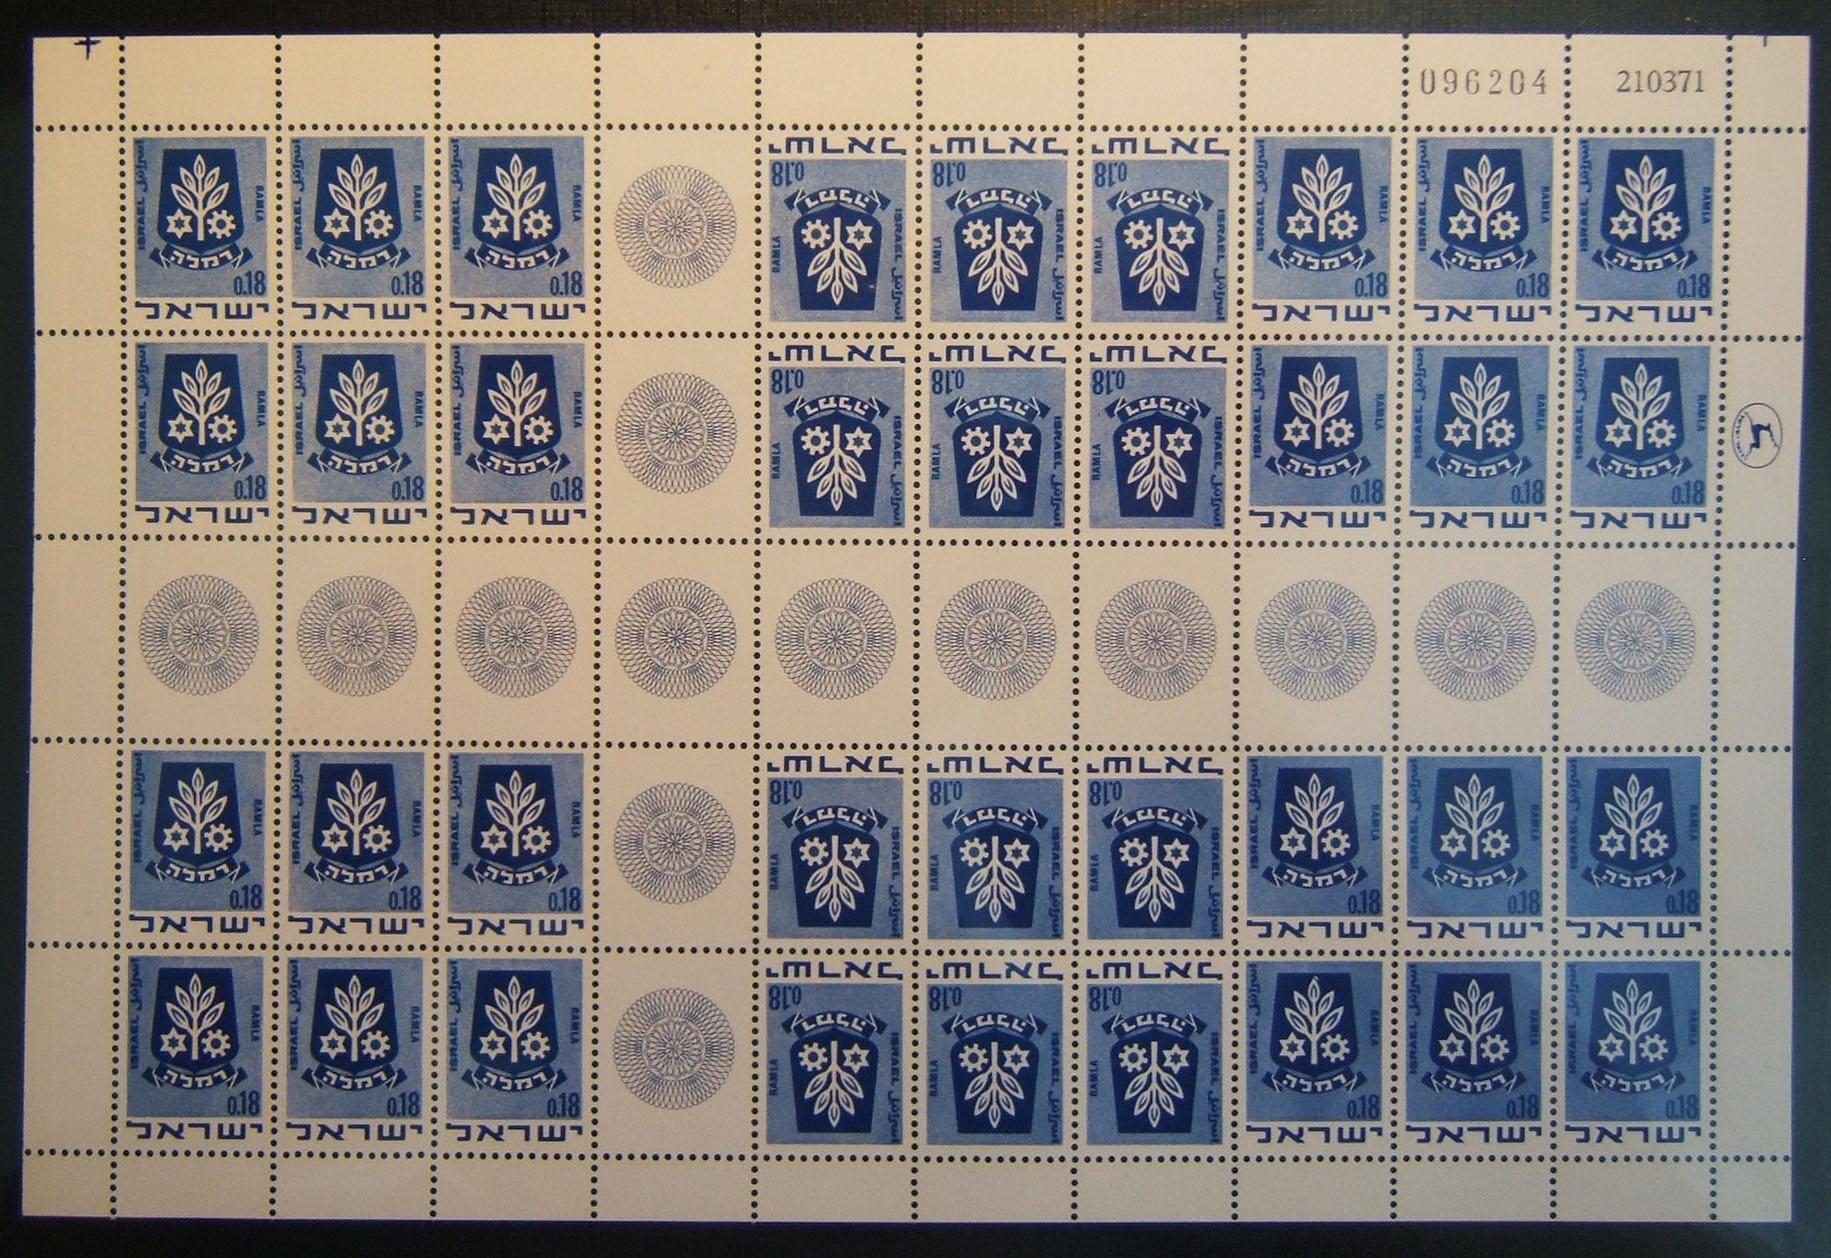 1969 2. Stadt Embleme 0,18£ tete beche Blatt (Ba IrS.24), postfrisch